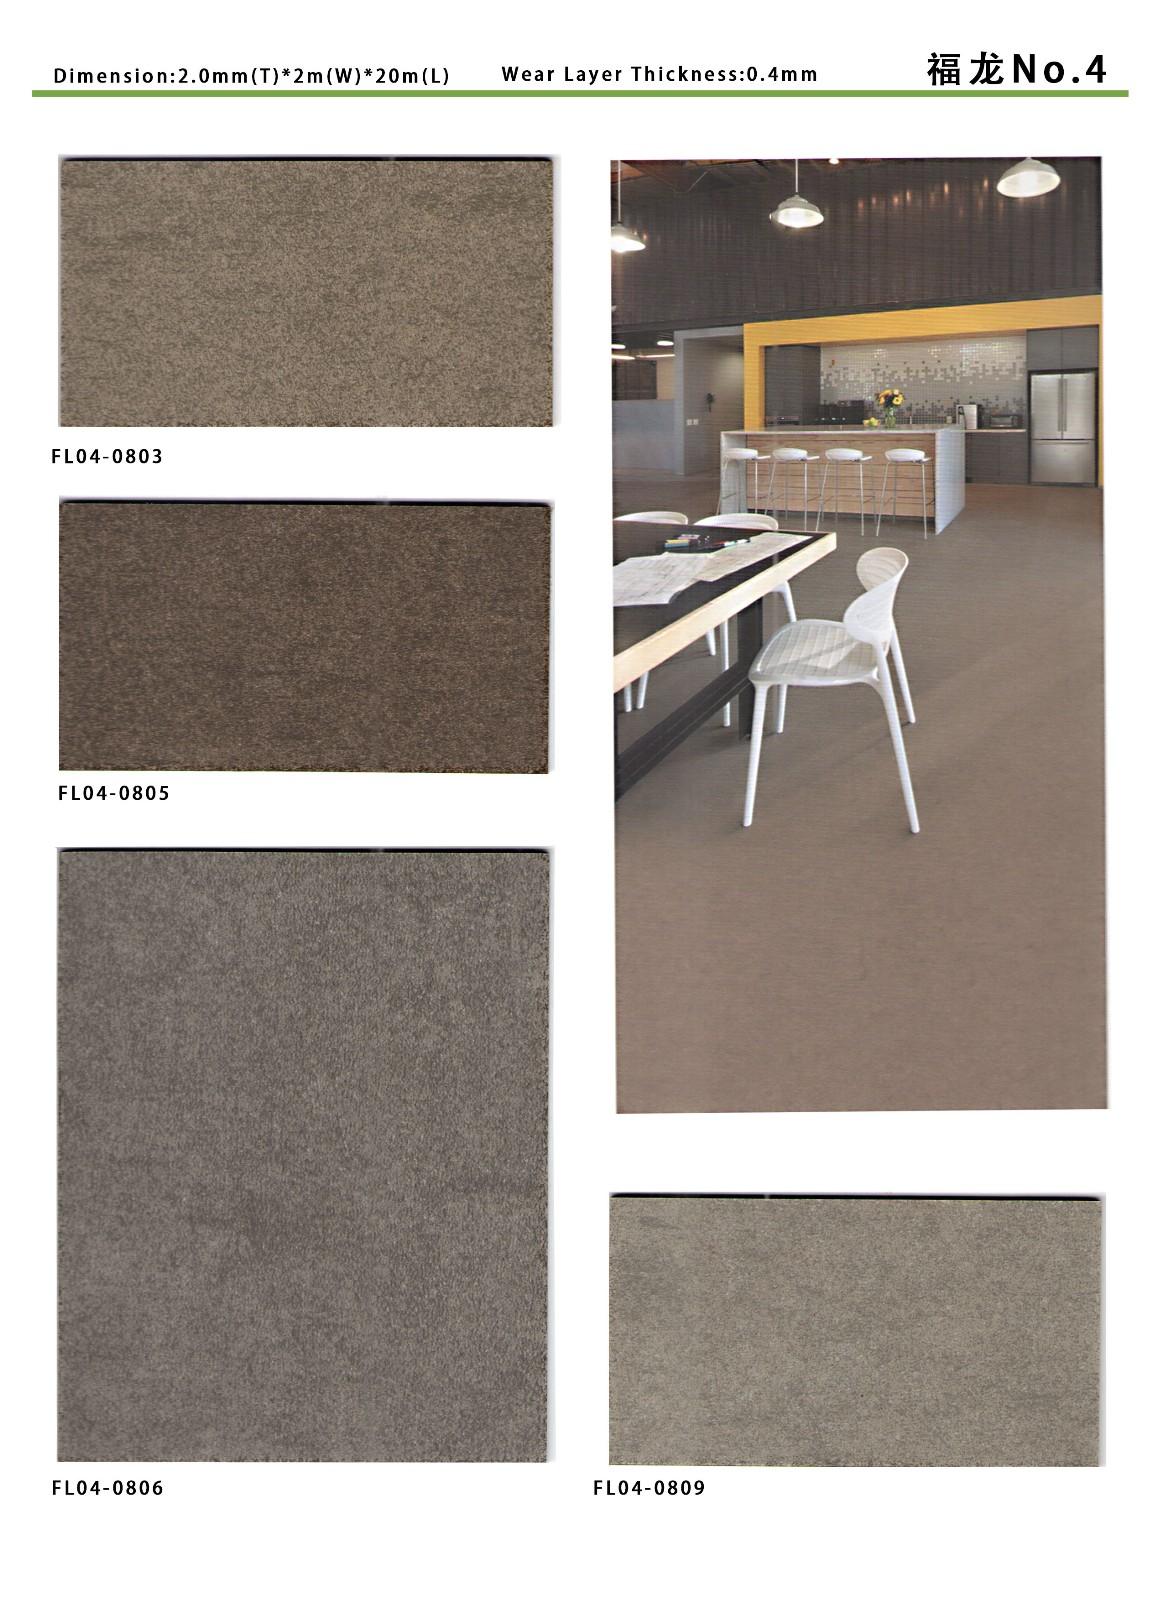 福龙NO.4灰岩PVC地板|福龙系列-陕西棋牌挣钱建材有限责任公司